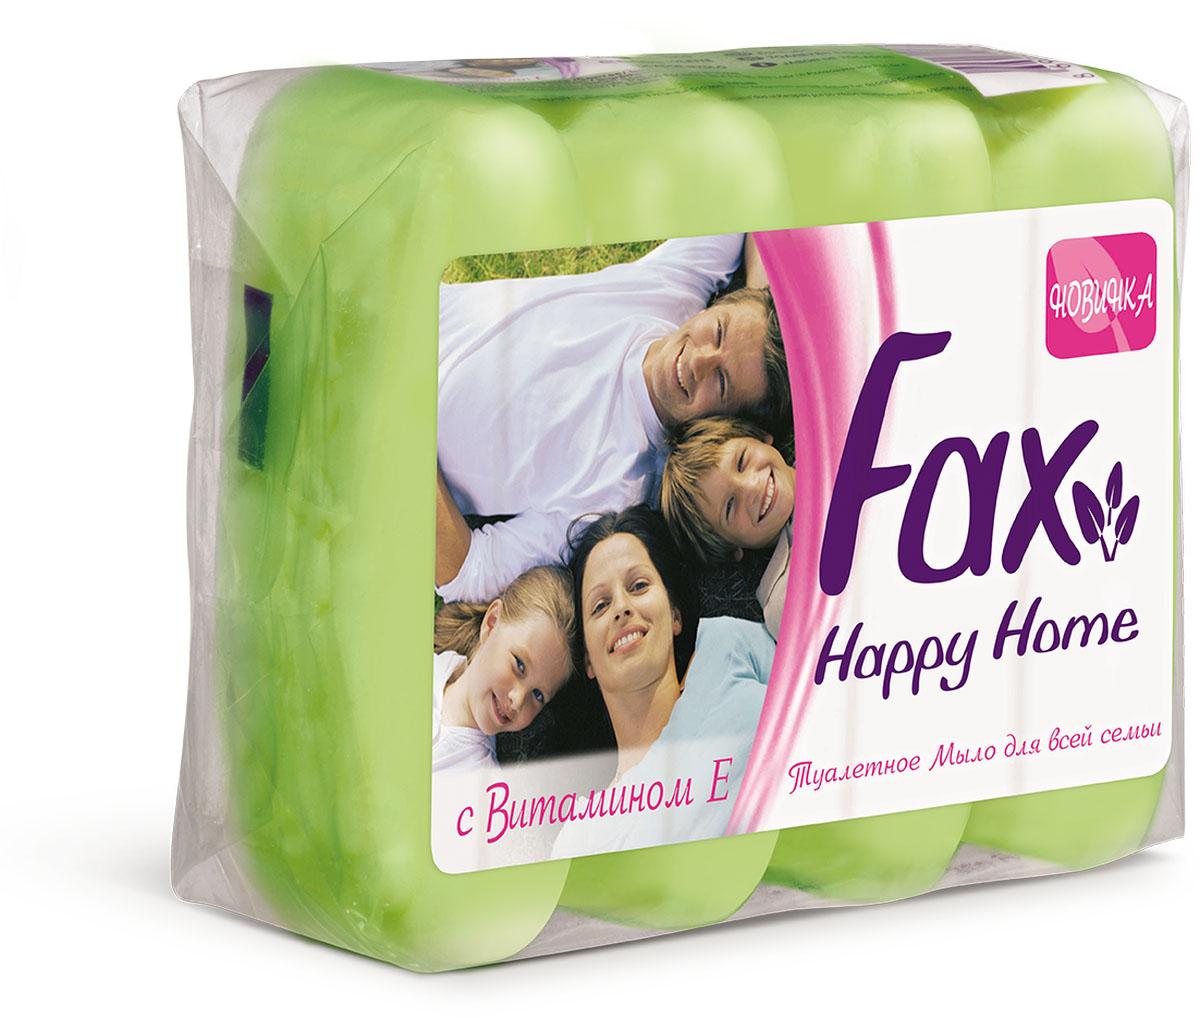 Fax Happyhome Мыло зеленое э/пак 4*70г800198523Это линия экономичных средств для гигиены рук и тела. Многообразие ароматов и свойств туалетного мыла Fax позволяют всей семье наслаждаться ощущениями чистоты и свежести. Все продукты серии туалетного мыла Fax Family содержат в составе витамин E, ухаживающий за кожей, а также экстракты ягод и цветов, придающих продукту приятные ароматы. Душистый аромат спелой клубники - настоящая ароматерапия для вашей кожи. Это мыло обязательно заставит вспомнить лето.